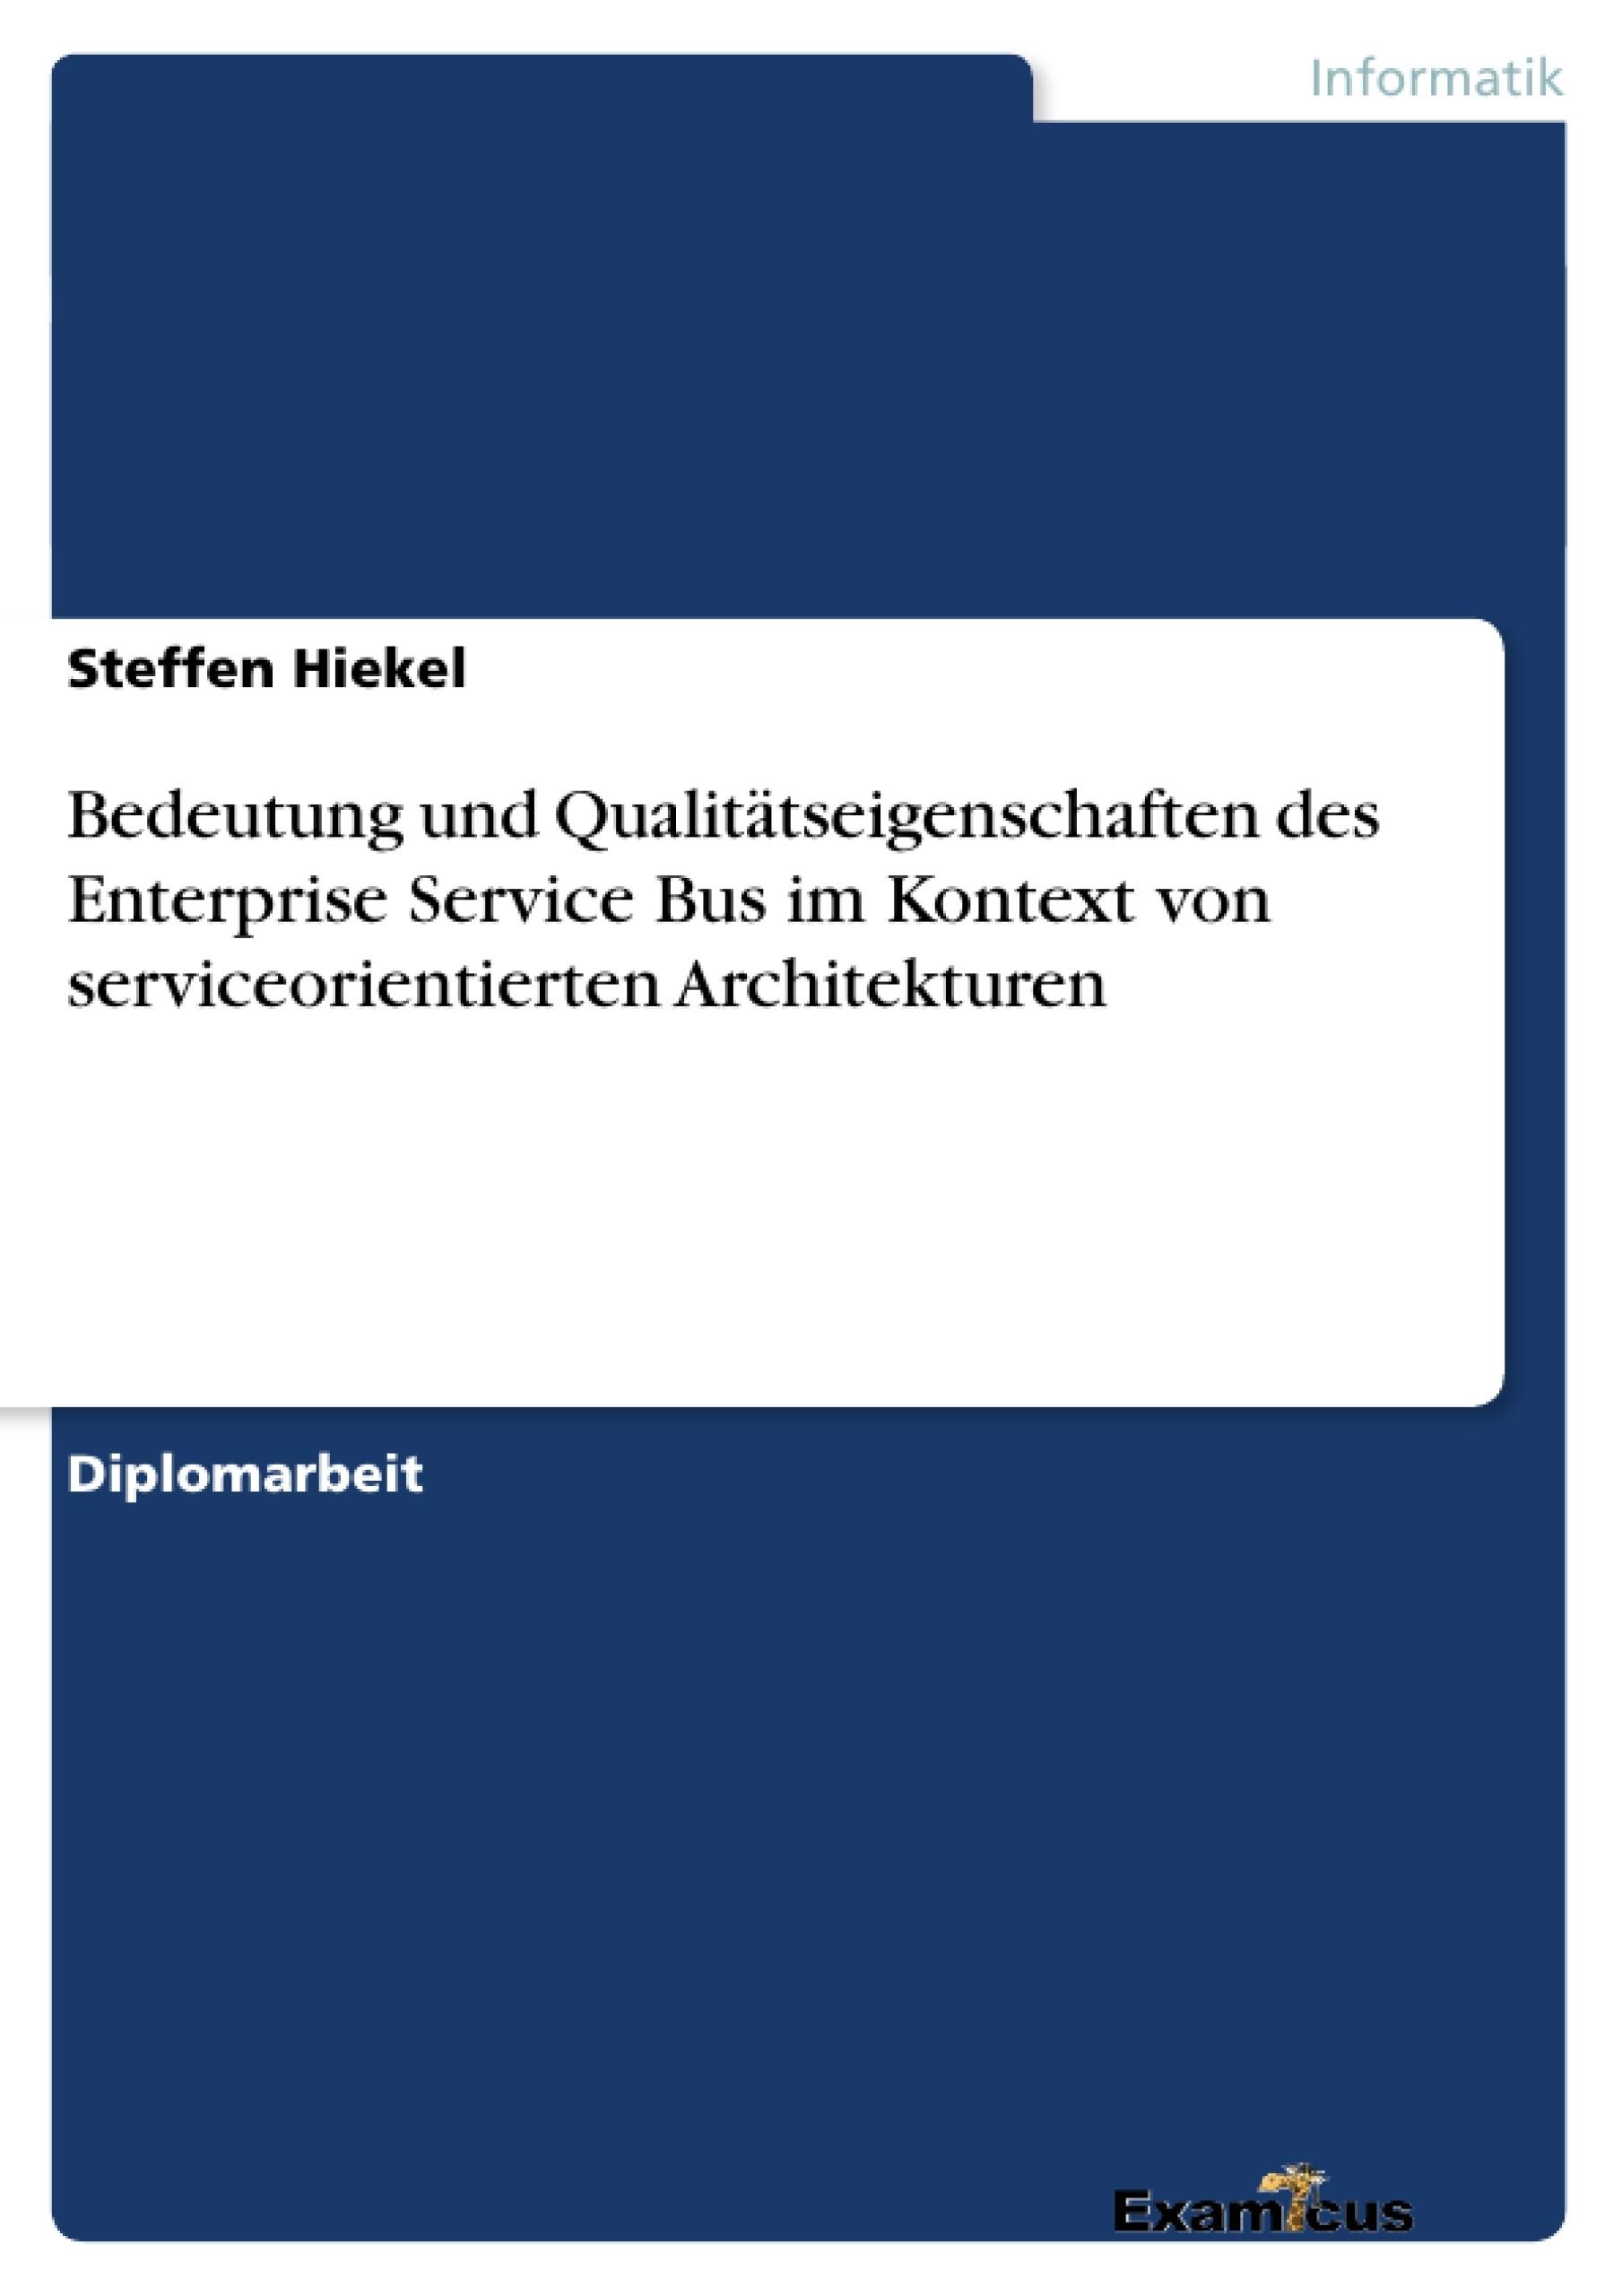 Titel: Bedeutung und Qualitätseigenschaften des Enterprise Service Bus im Kontext von serviceorientierten Architekturen